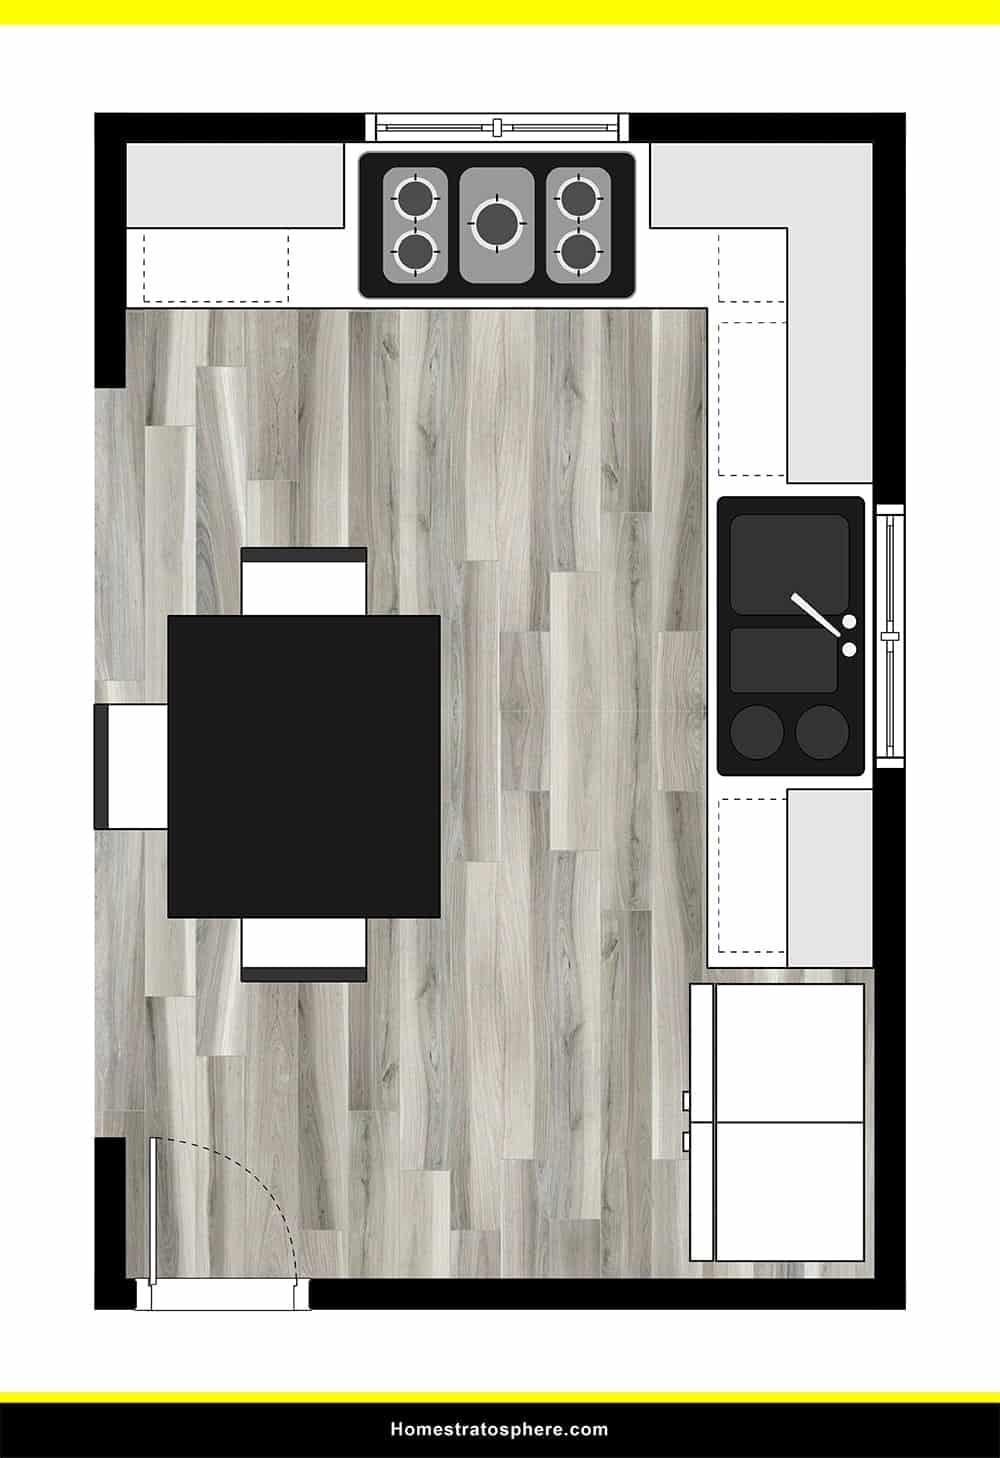 Kitchen 21 layout